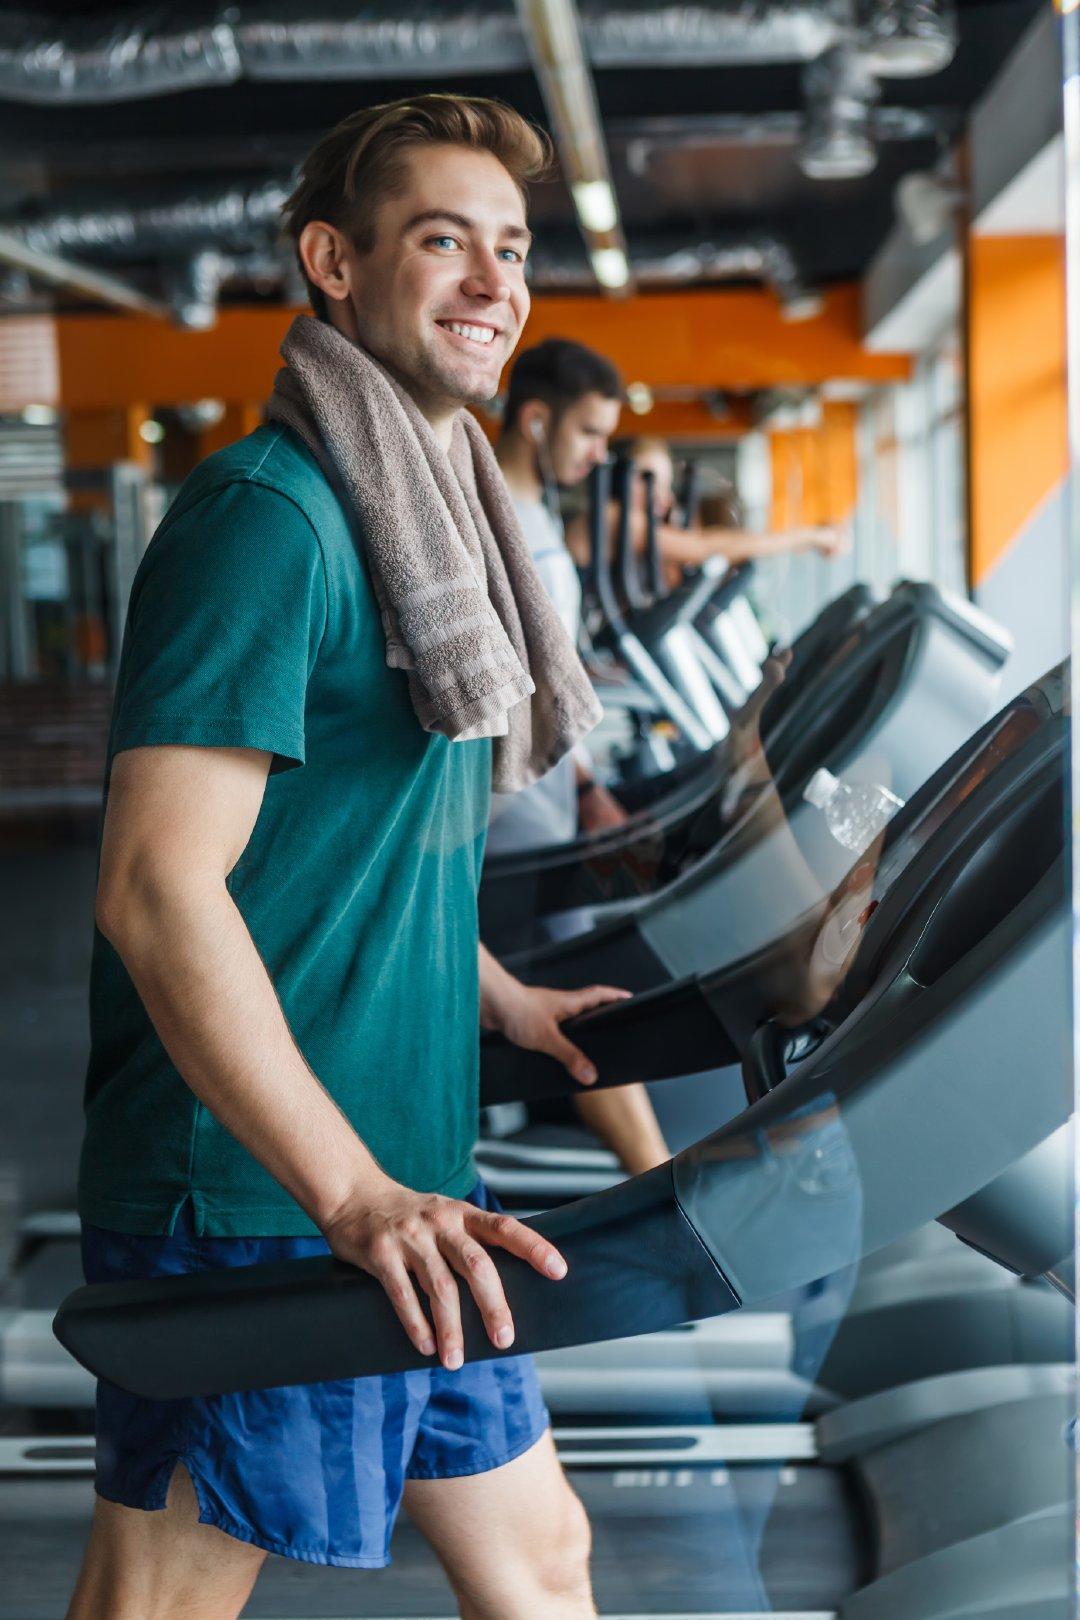 穿着绿色运动服在跑步机上运动的男性高清写真图